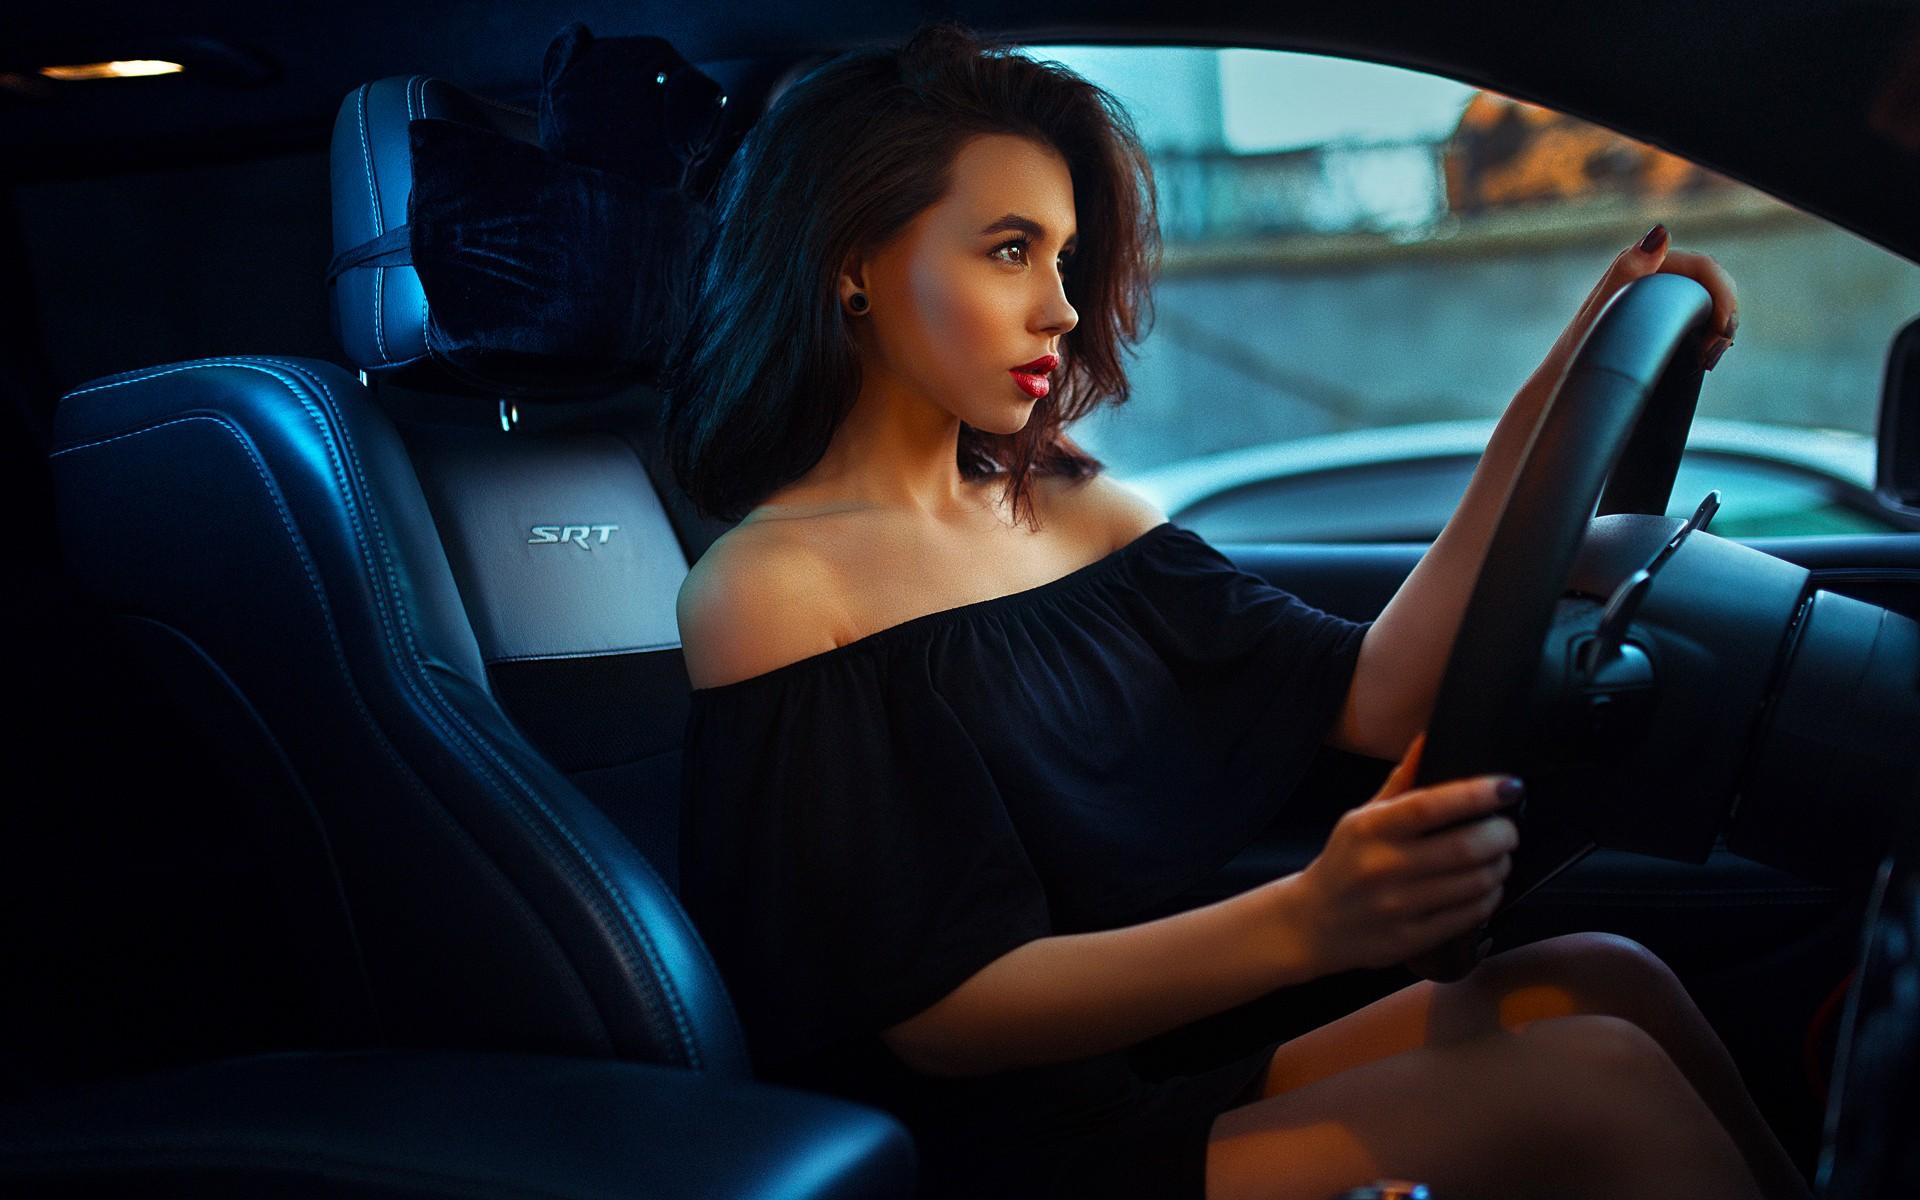 И картинки красивые в машине, девушек аватарку прикольные